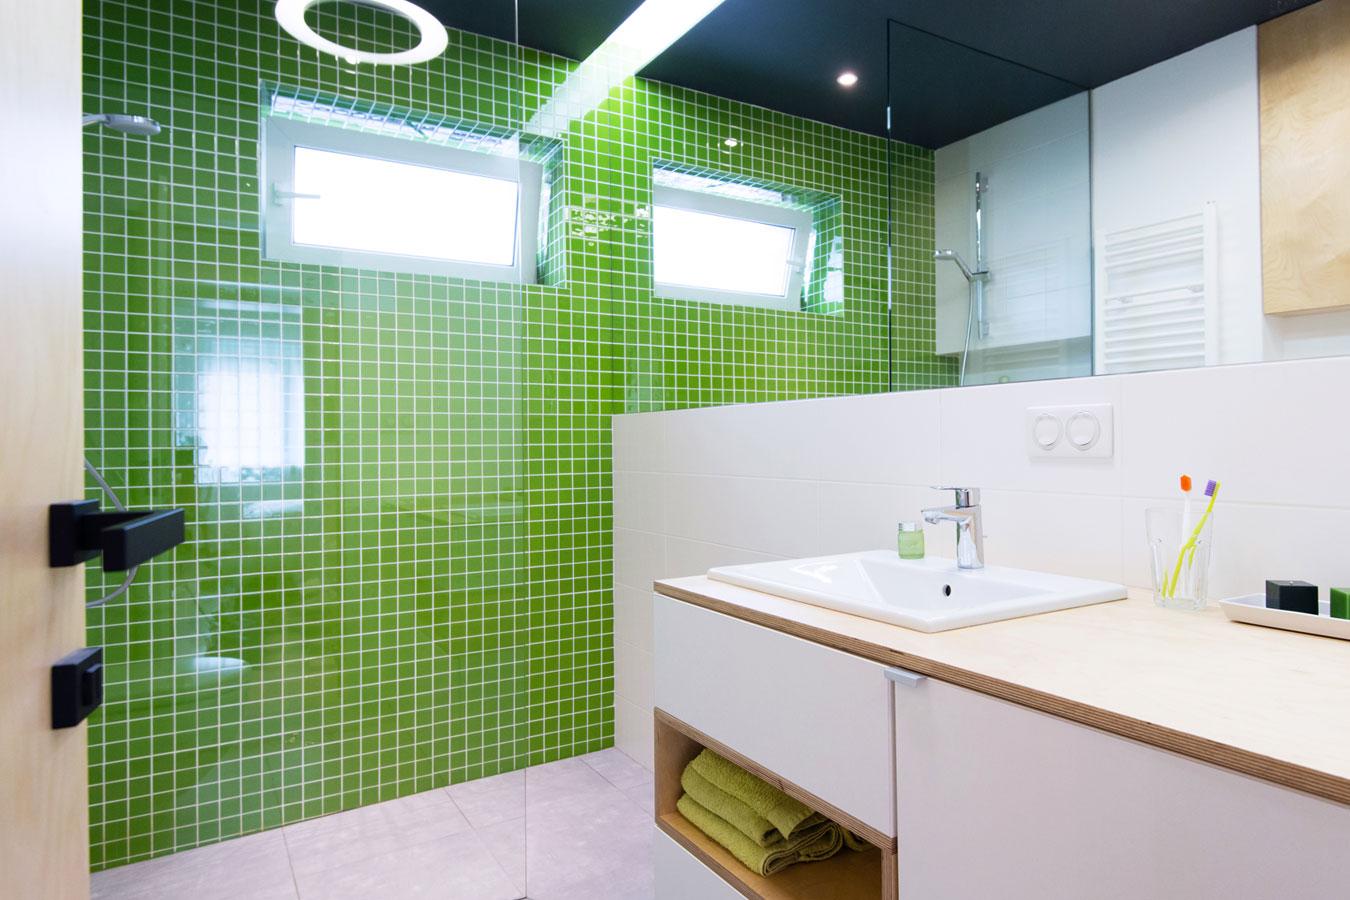 Moza u00efek tegels in de badkamer  Materialen  u0026 inspiratie